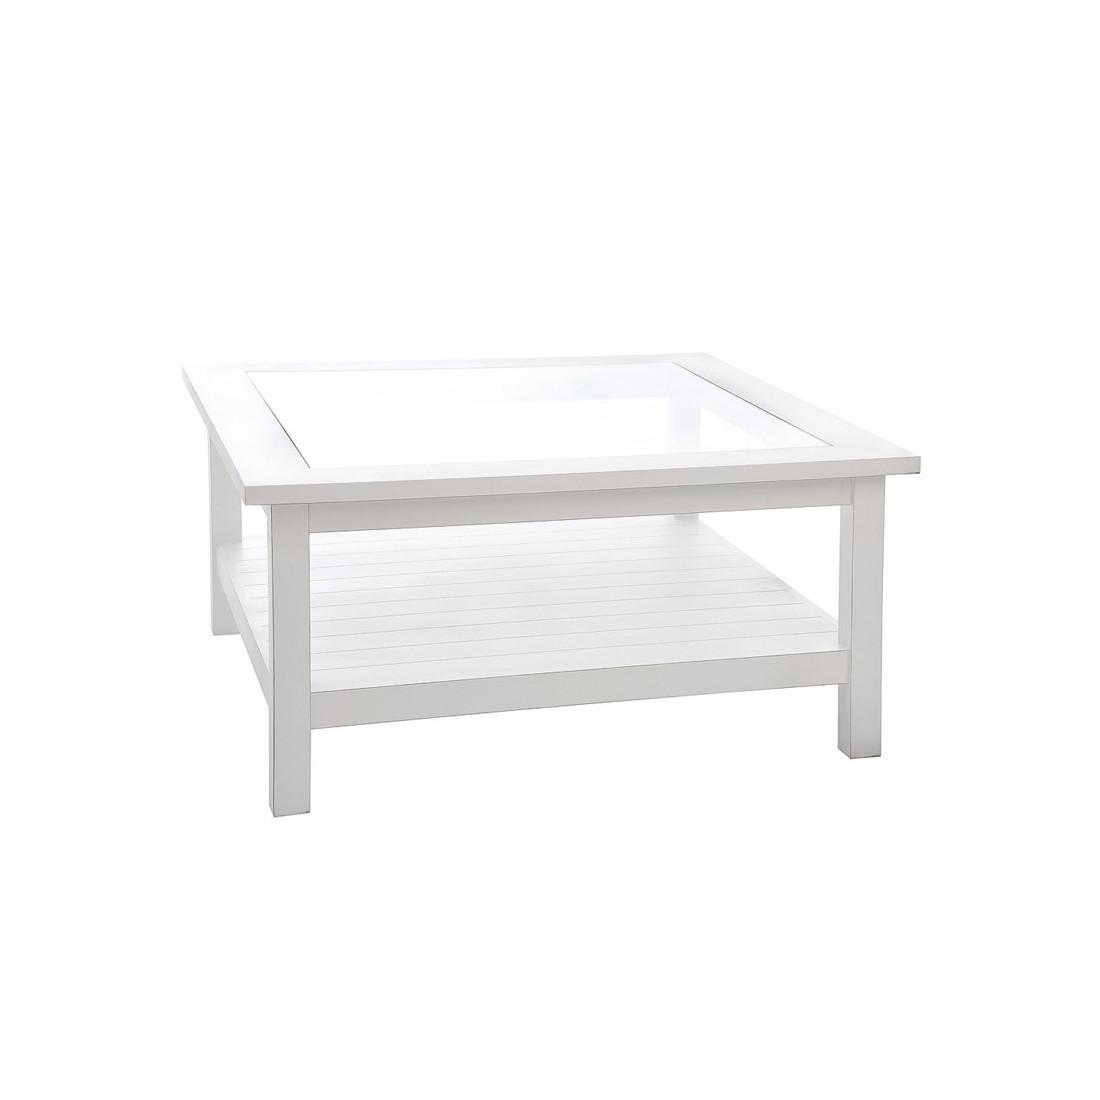 Table Basse Blanche Eve Univers Du Salon Tousmesmeubles